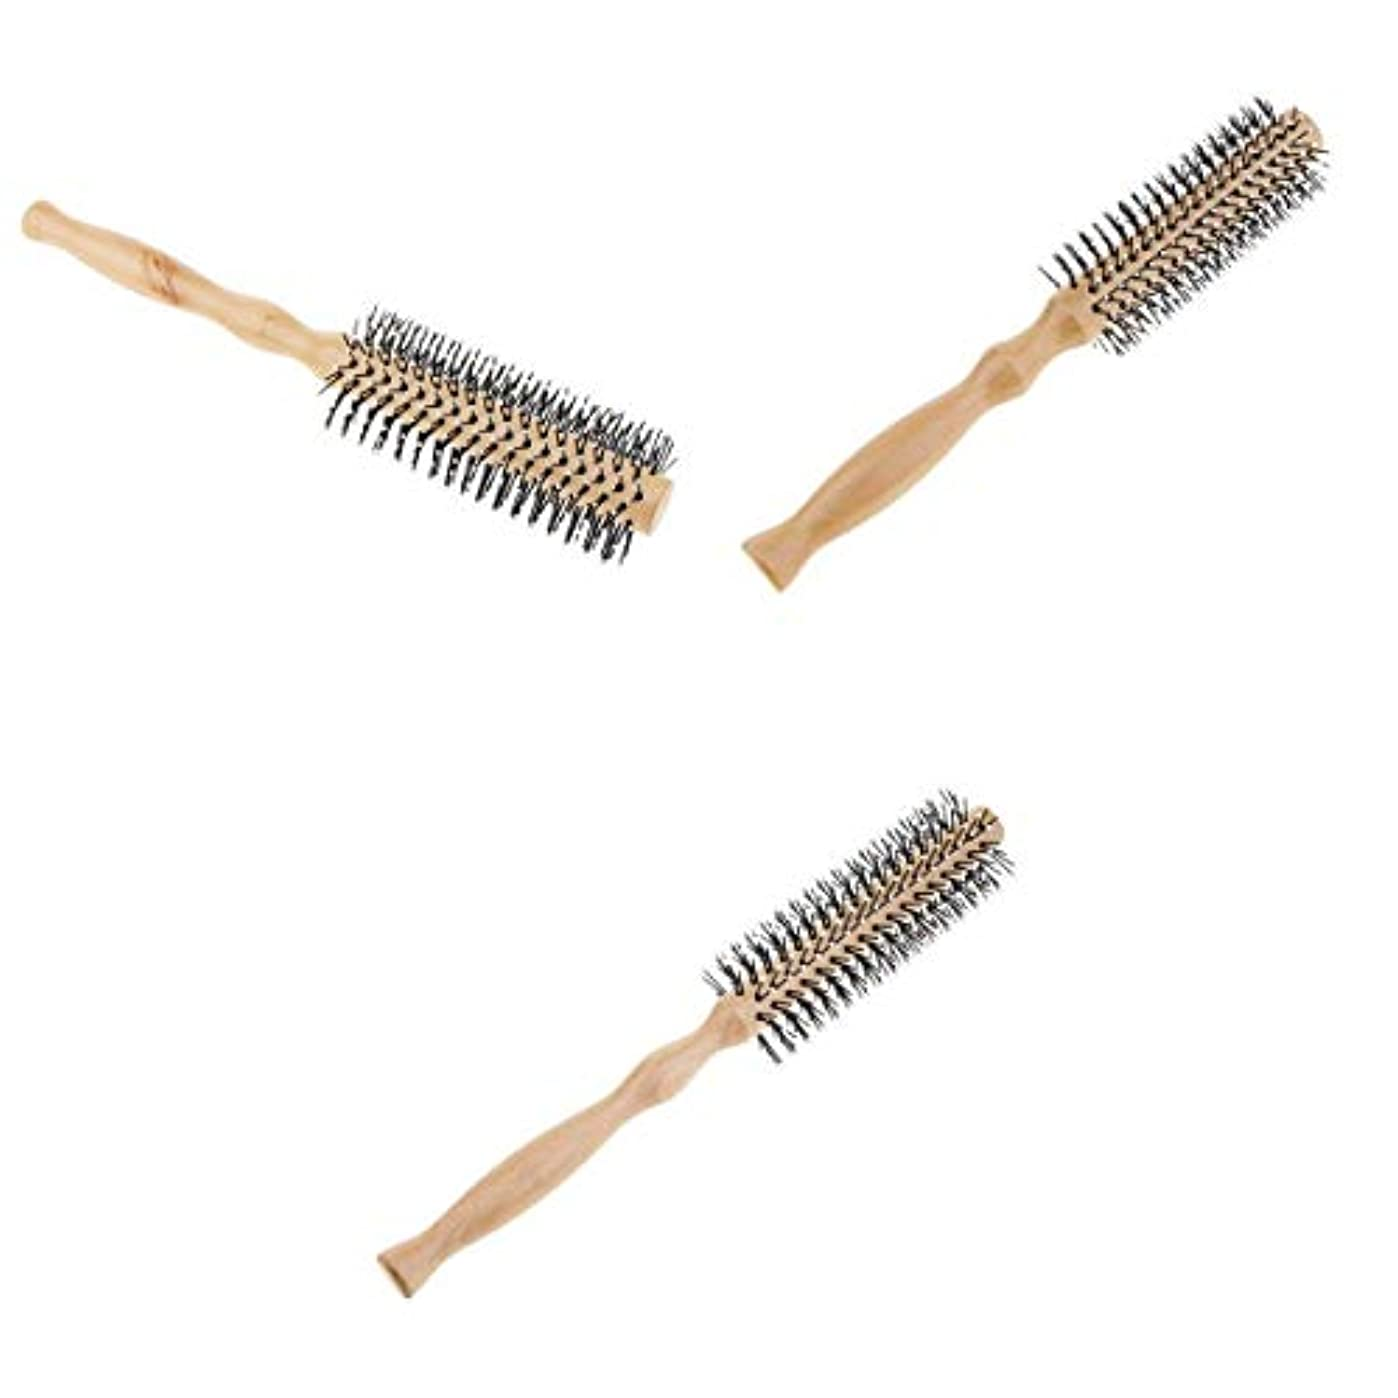 男やもめ大臣統治可能T TOOYFUL ロールブラシ ヘアブラシ 木製櫛 スタイリングブラシ 巻き髪 静電気防止 3本セット